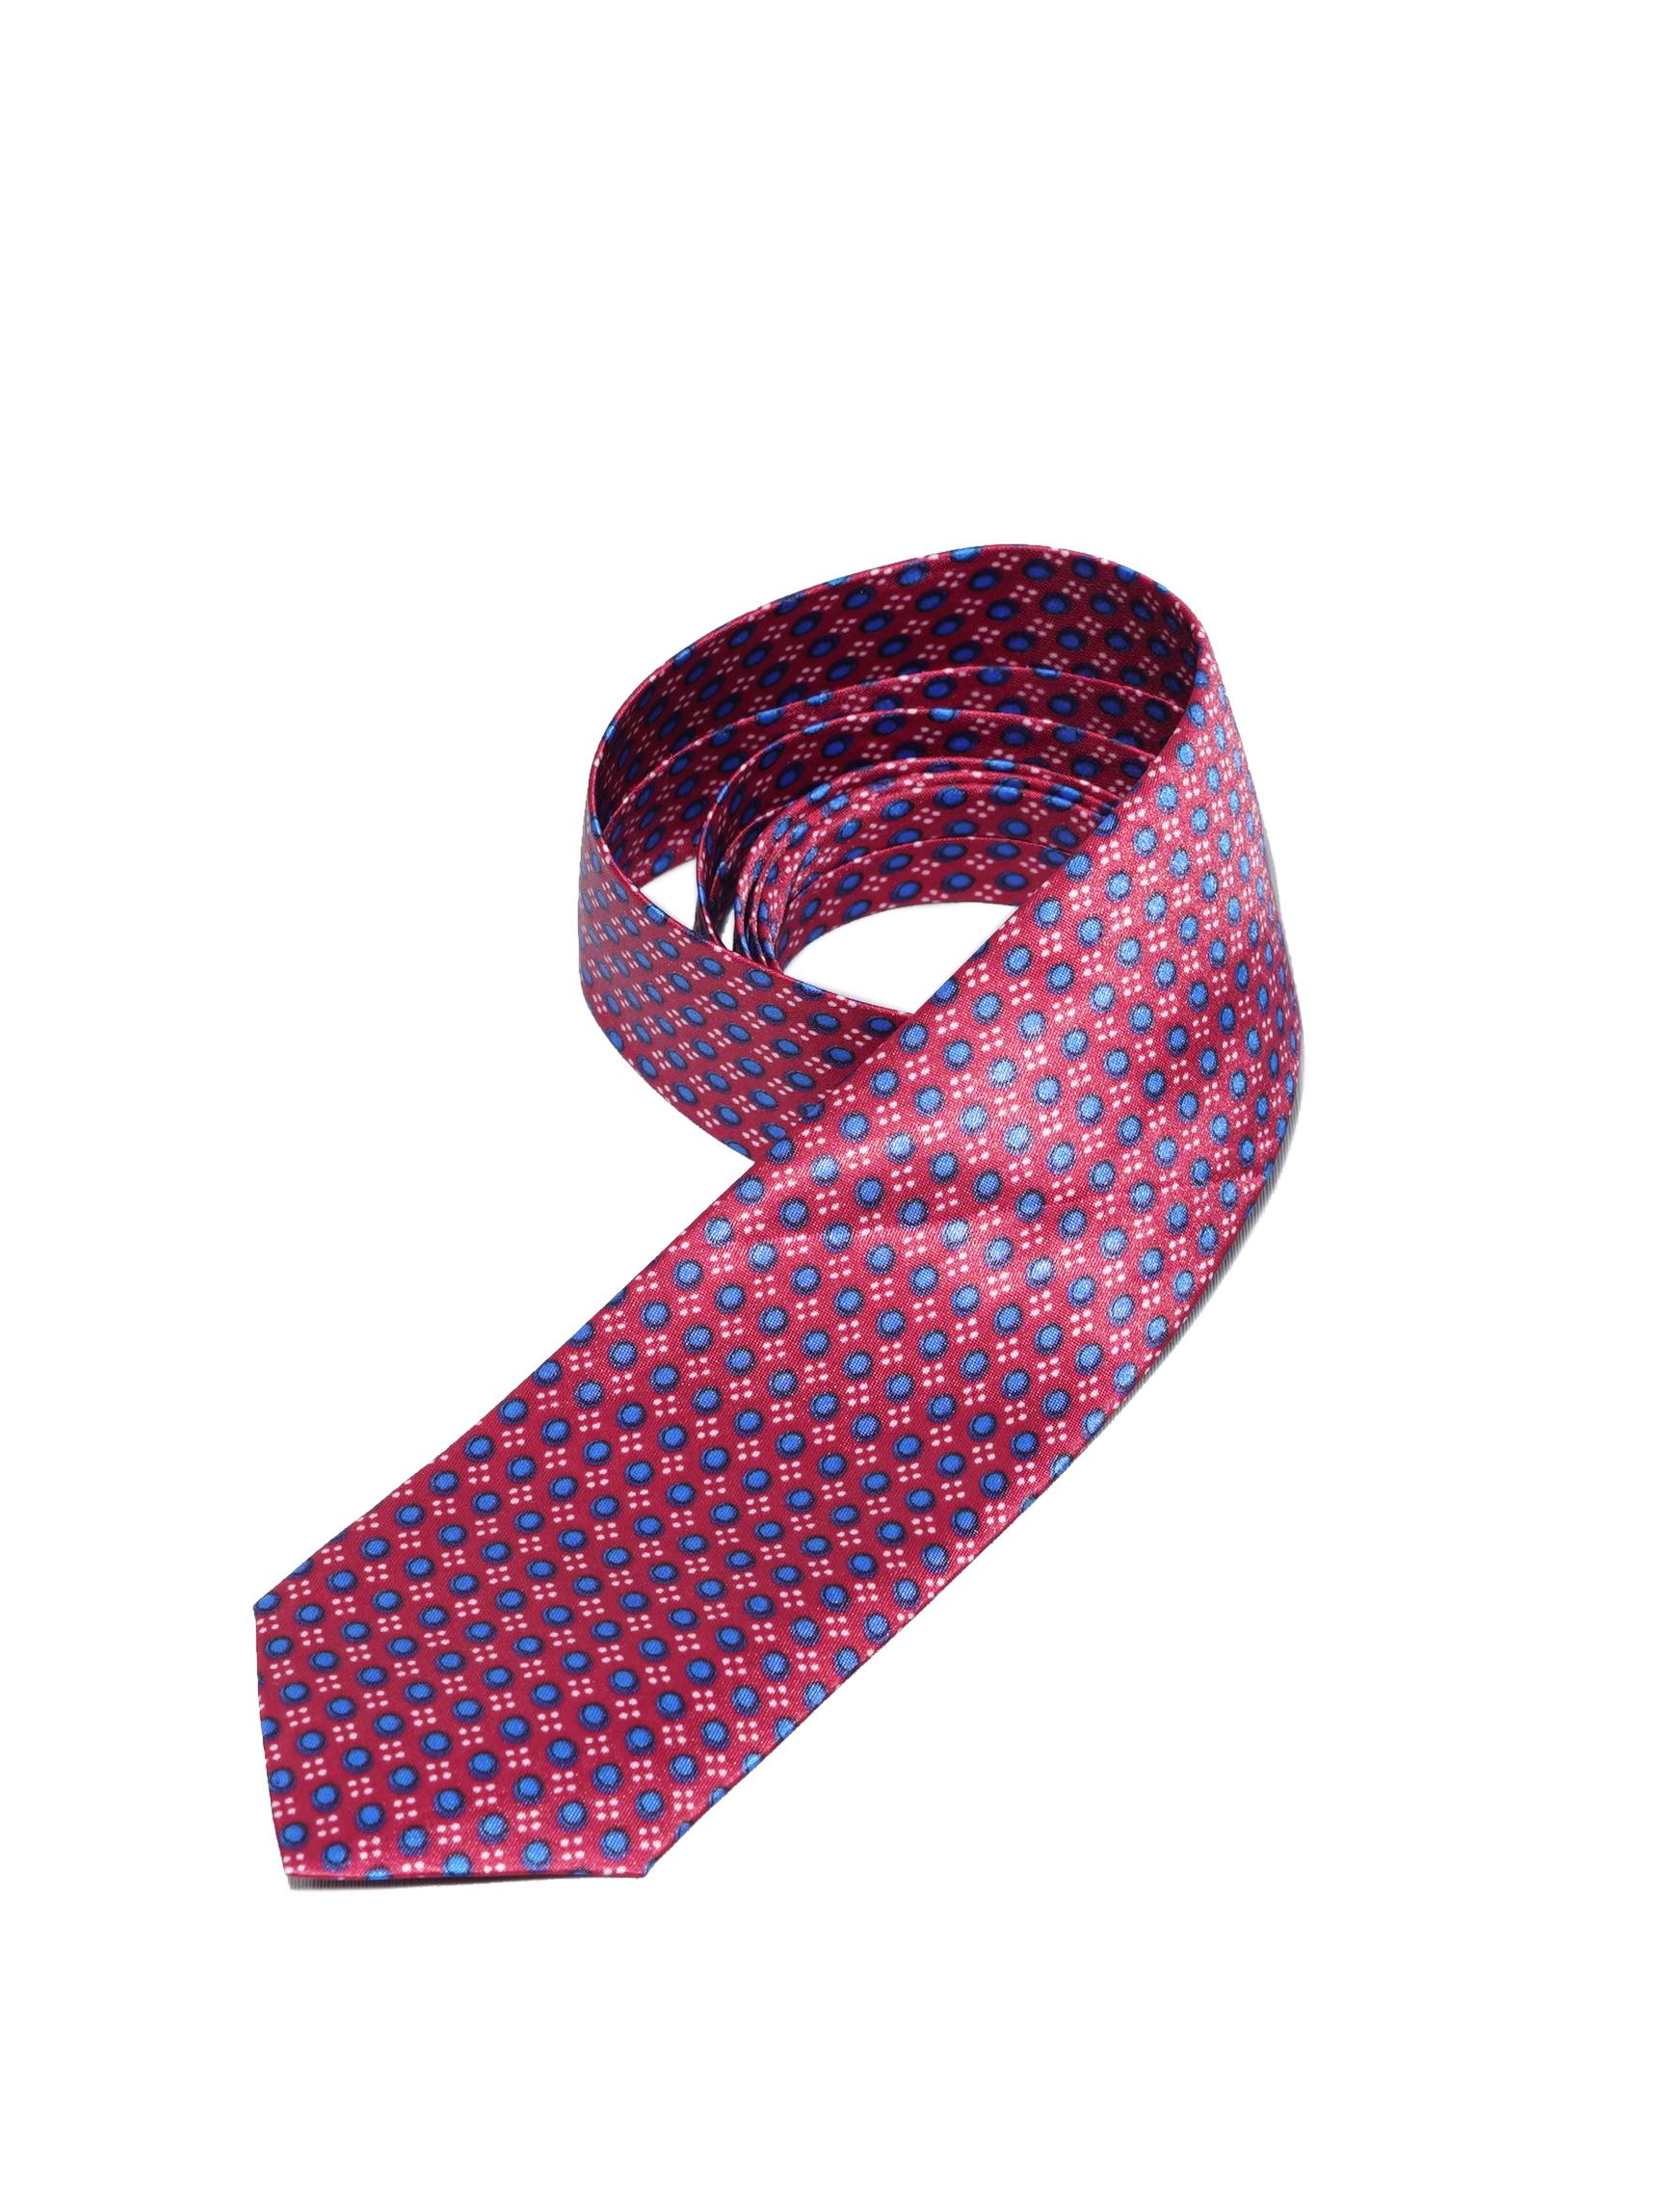 Dark Maroon Polyester Tie